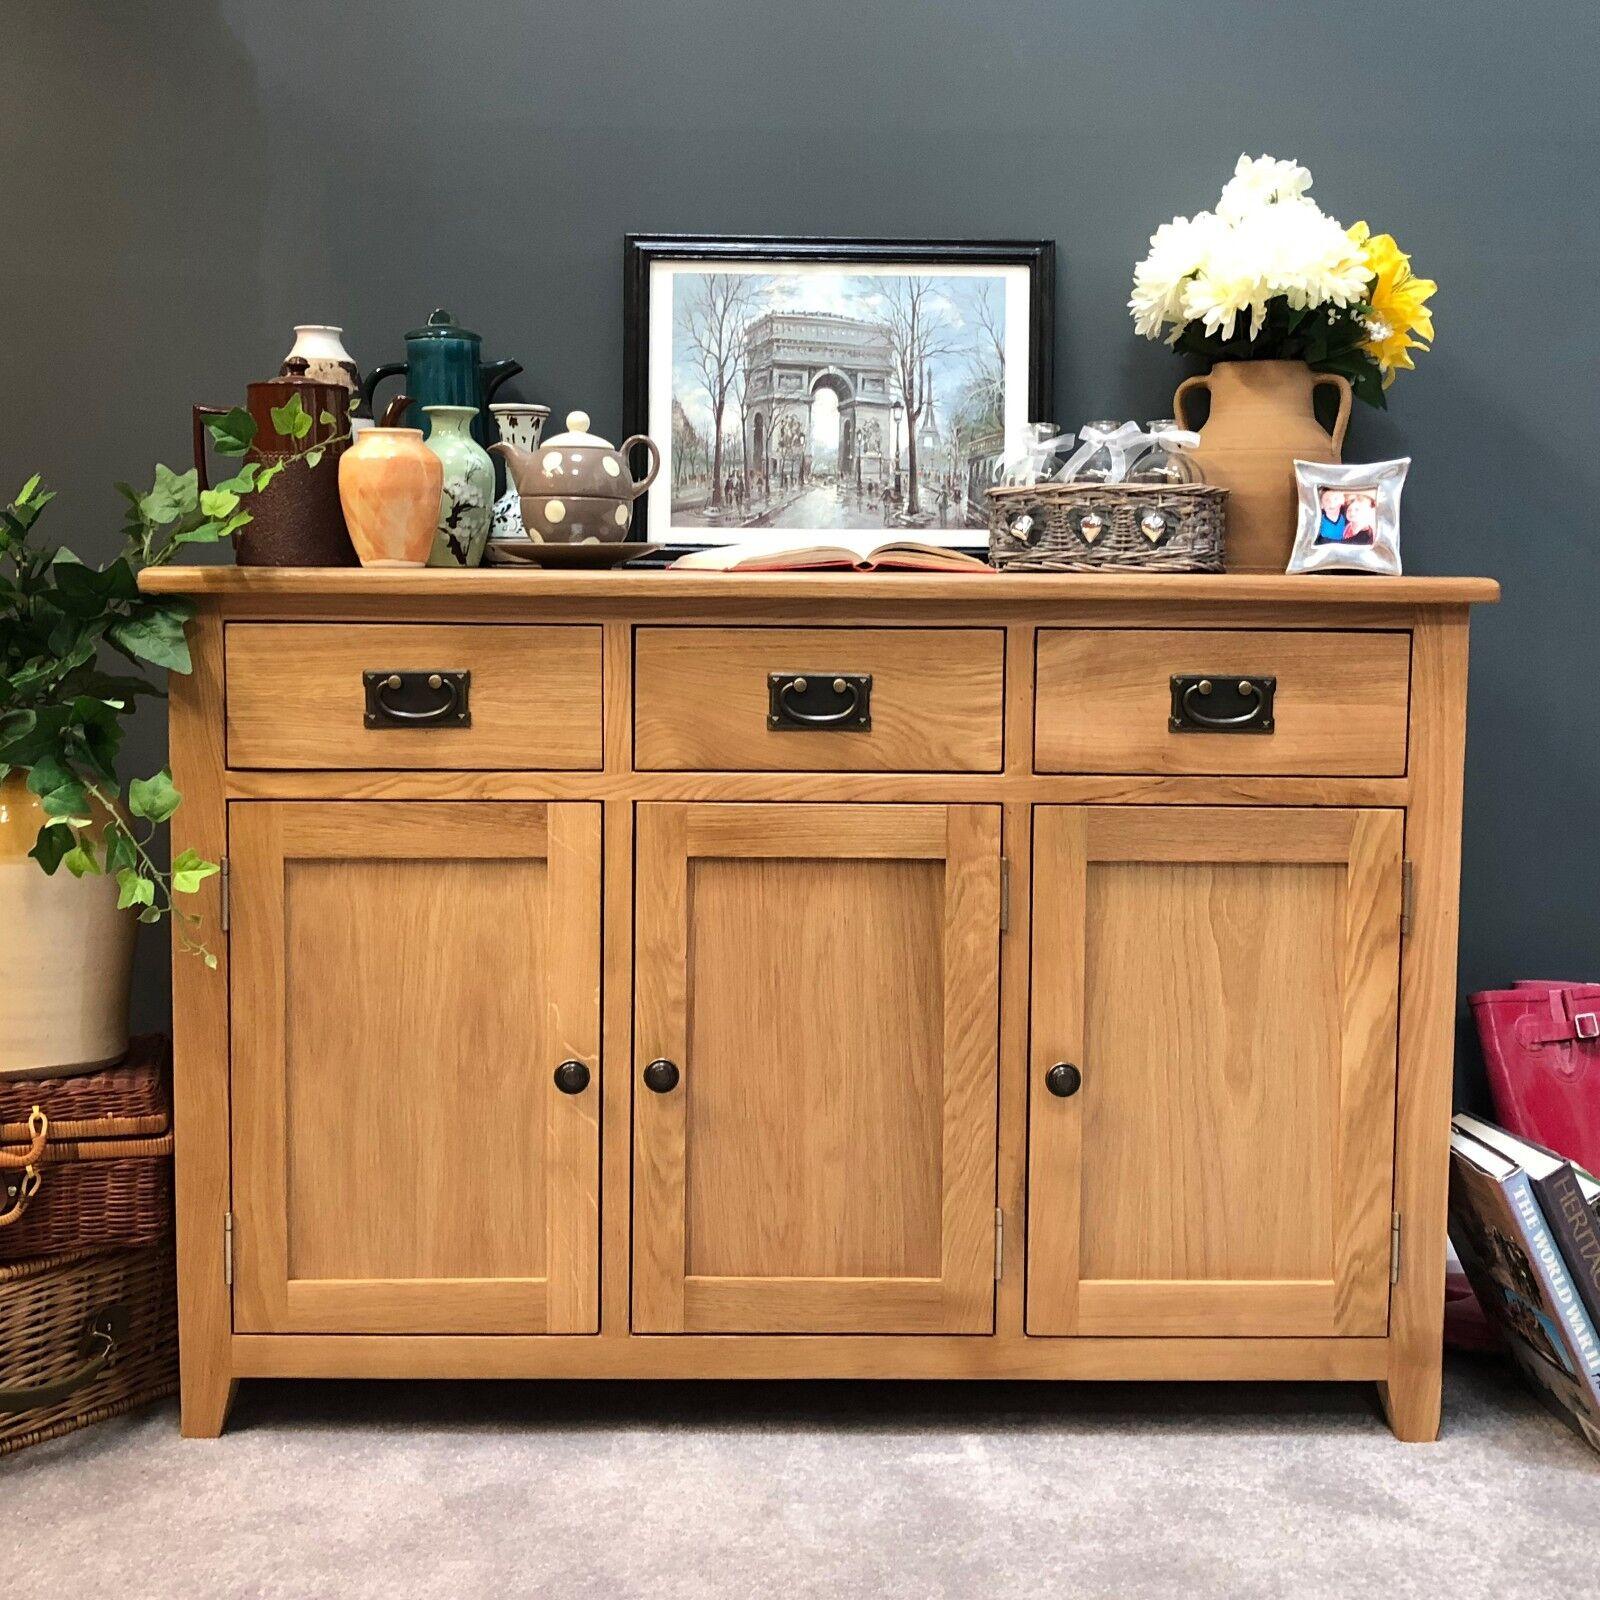 Large Oak Sideboard Light Oak Storage Cupboard Solid Wood Dresser NEW eBay